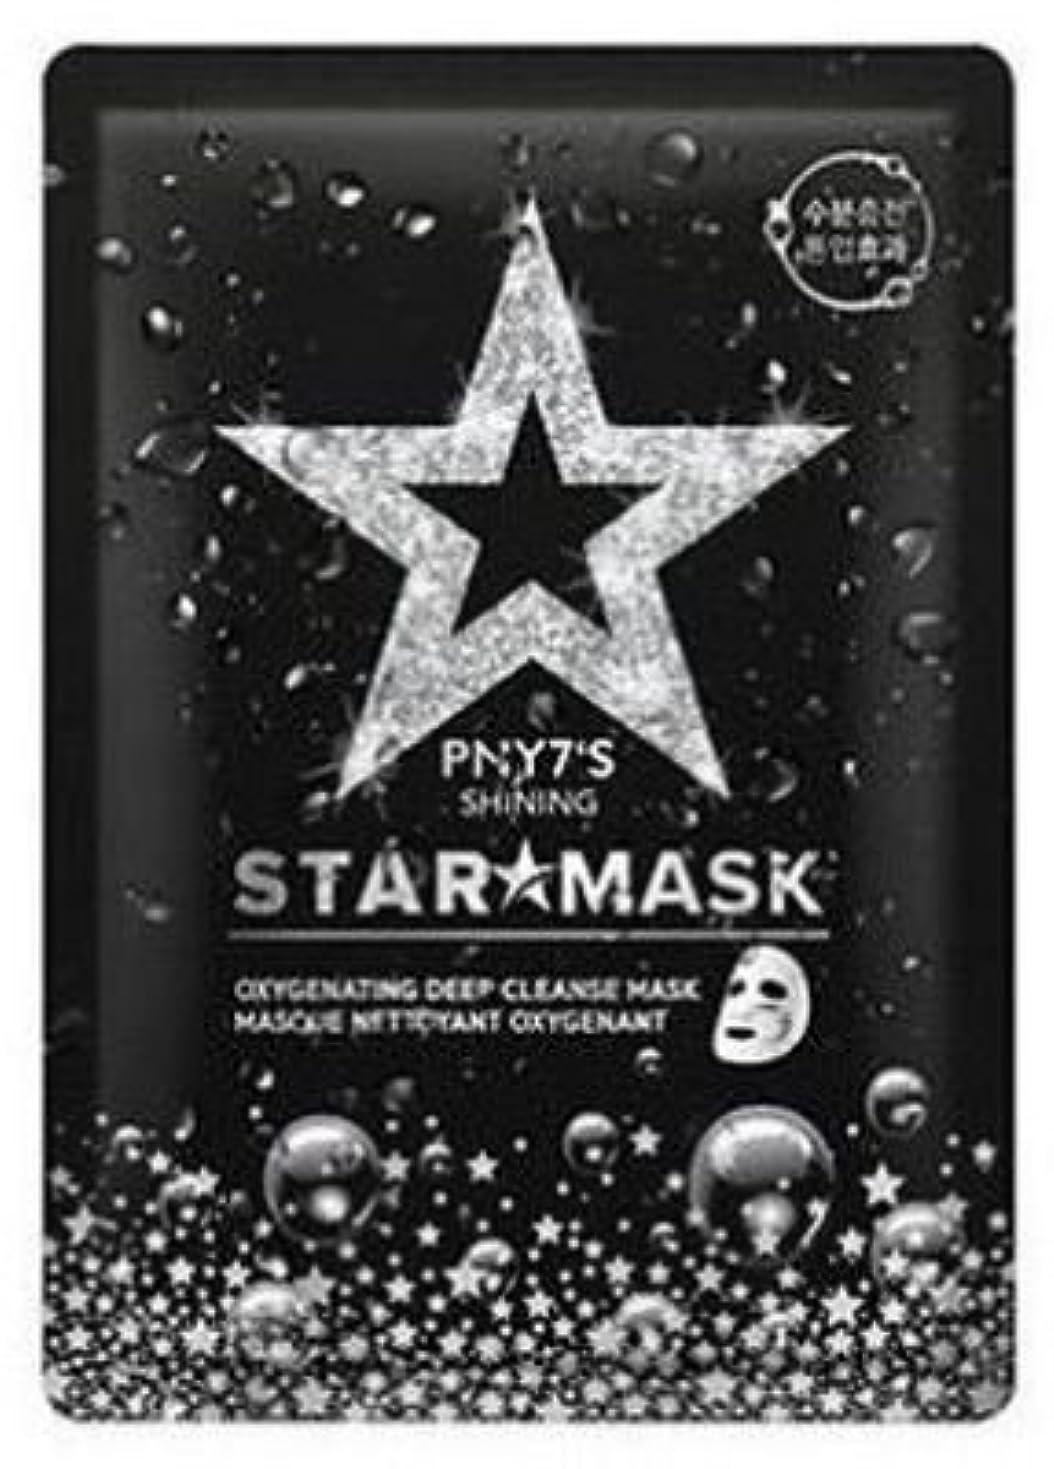 脚ポスターバリー[PNY7'S] Shining Star mask 10ea/[PNY7'S]シャイニングスターマスク10枚 [並行輸入品]